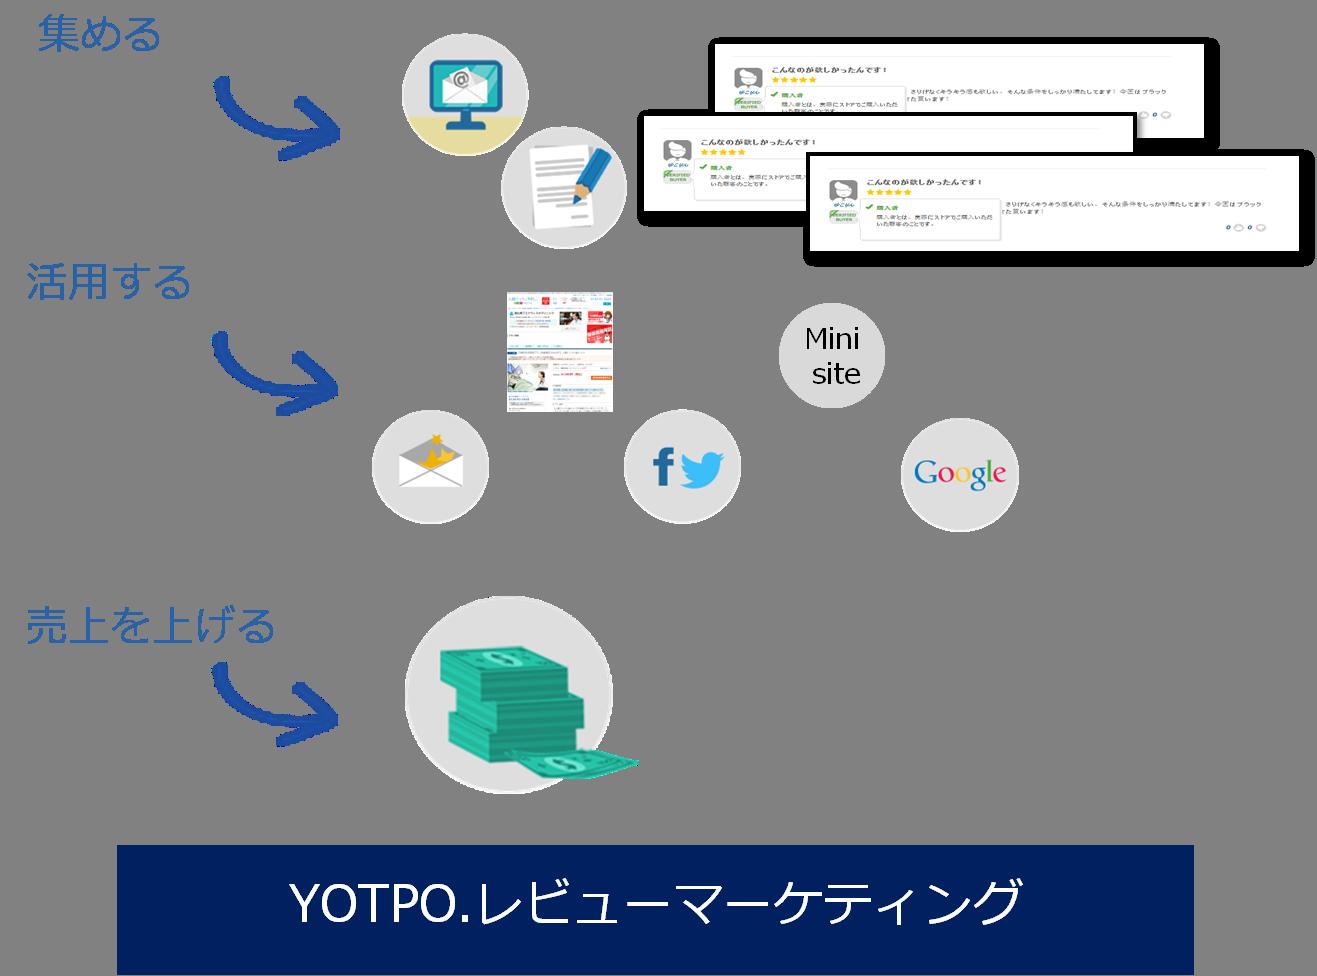 YOTPOユーザーレビュー効果の仕組み